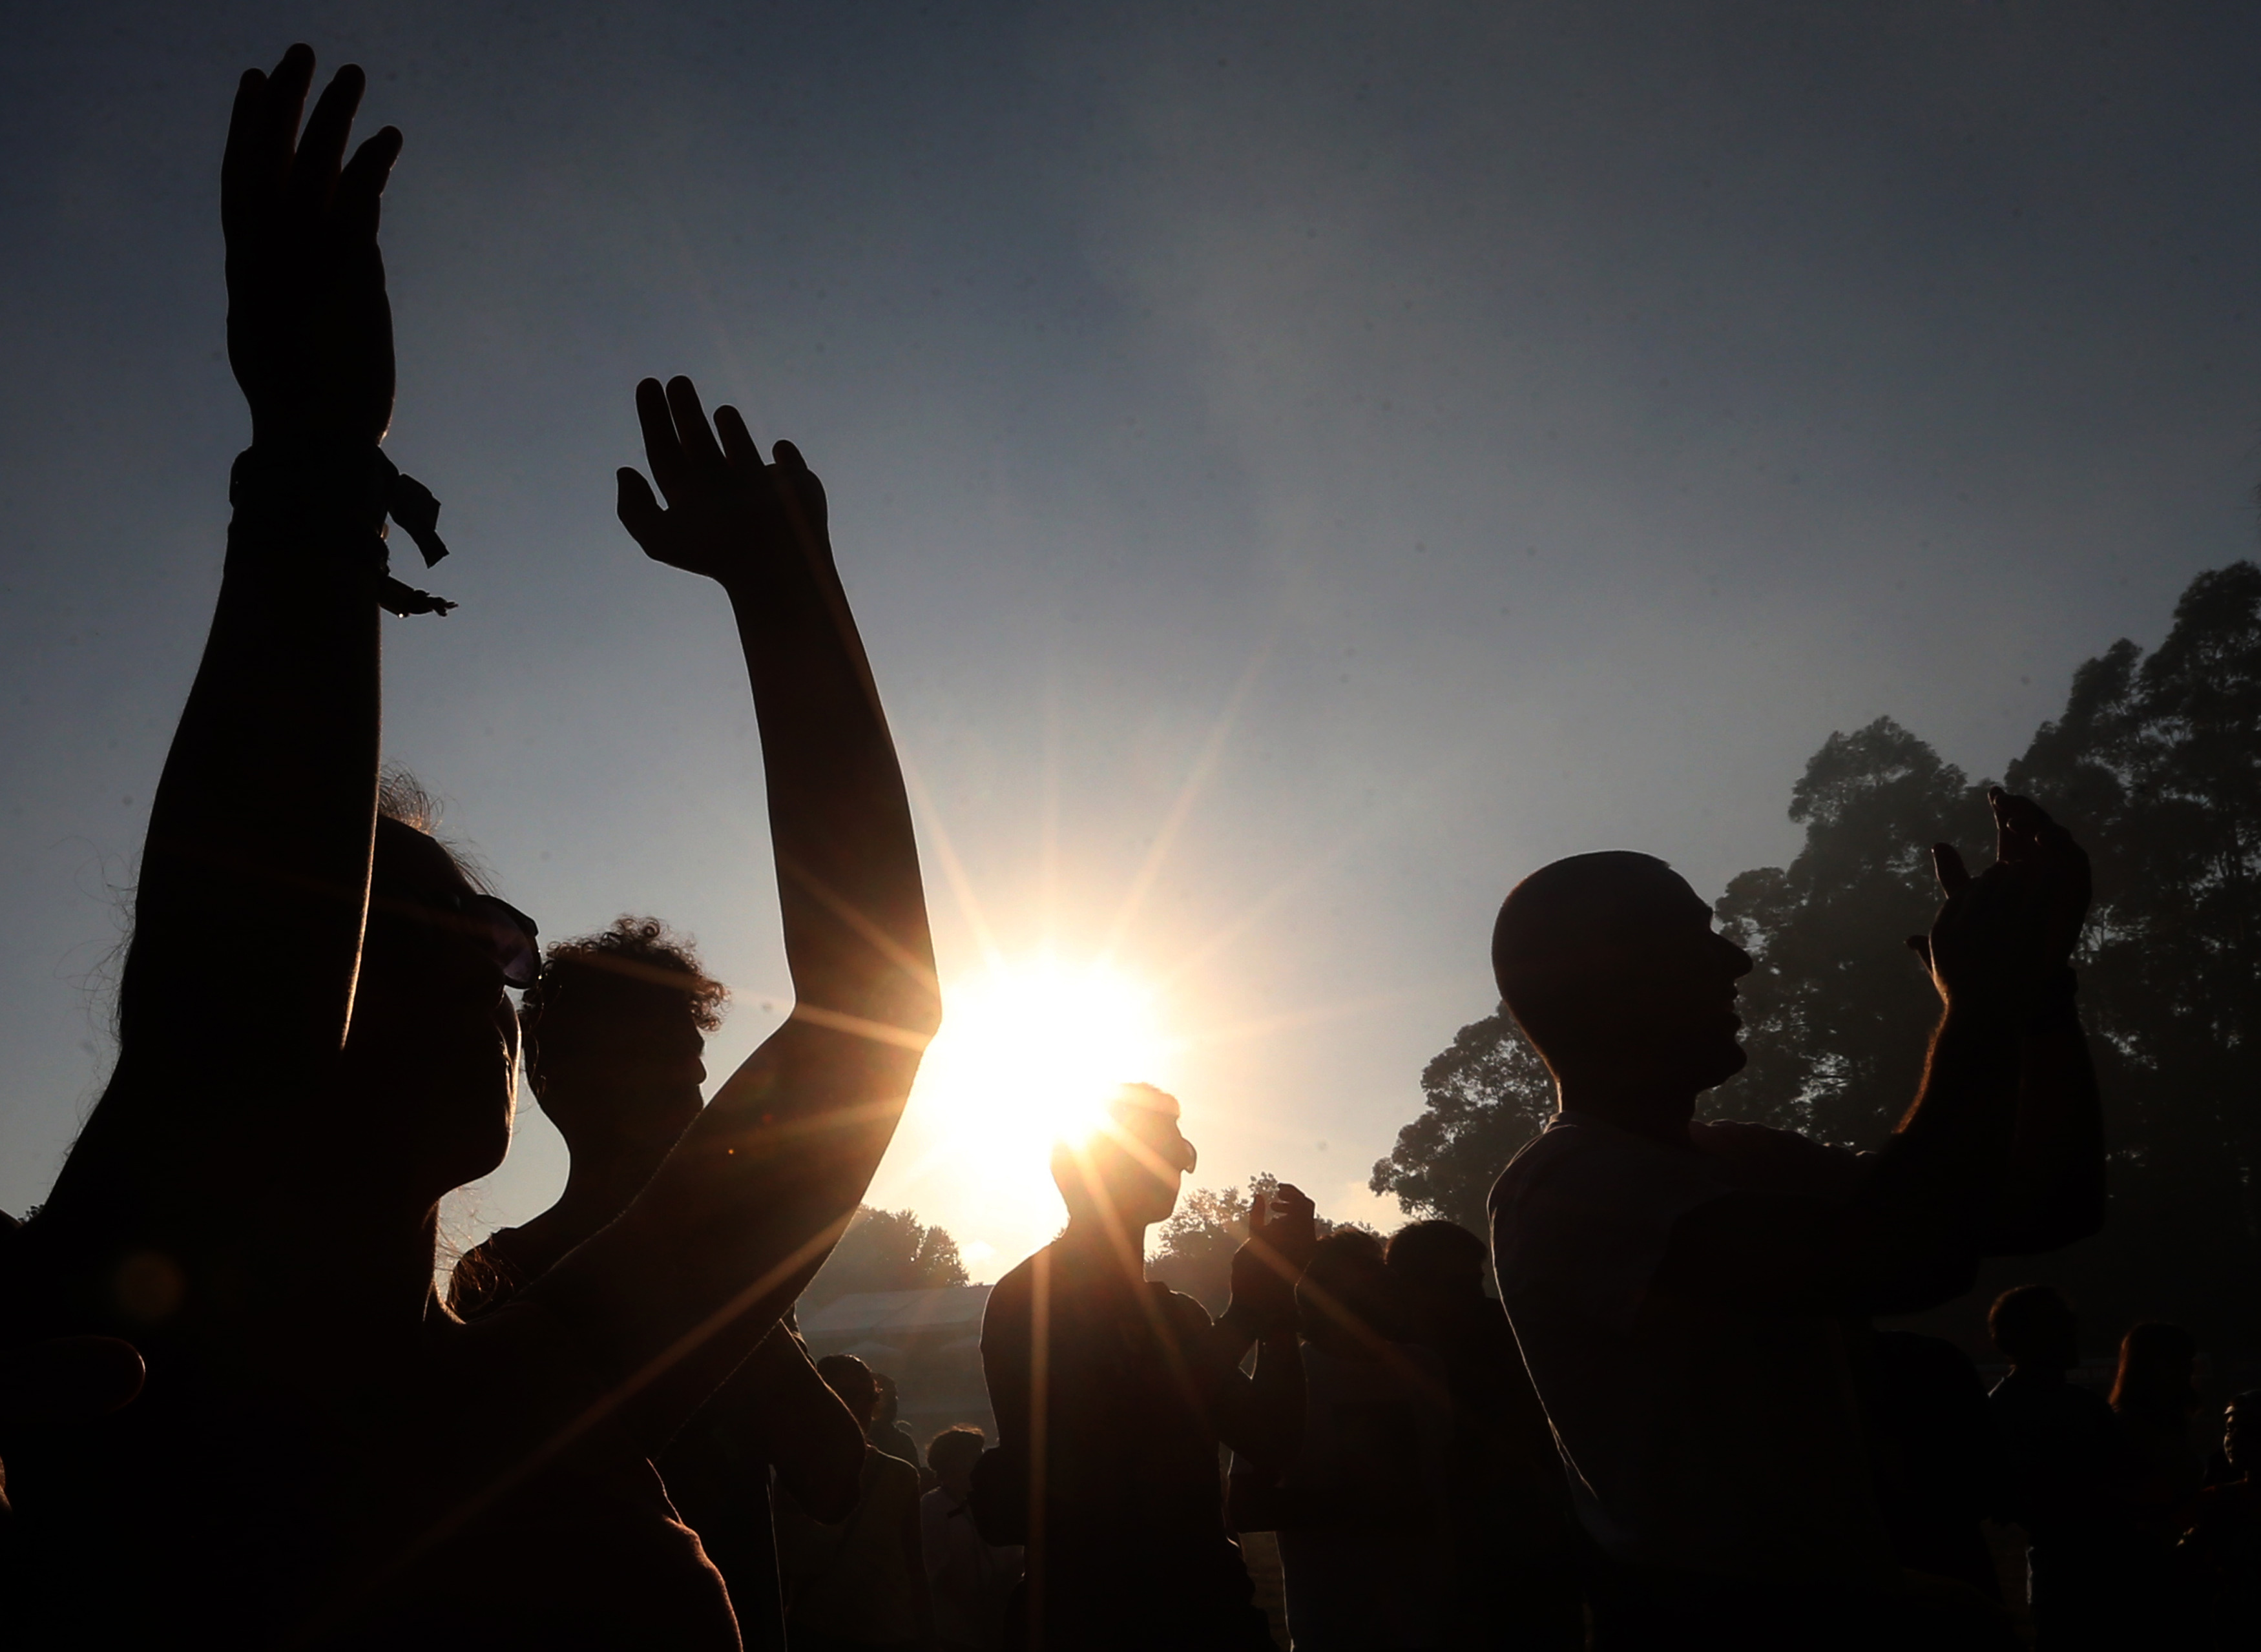 Festival de Vilar de Mouros recebeu 22 mil pessoas em três dias de concertos